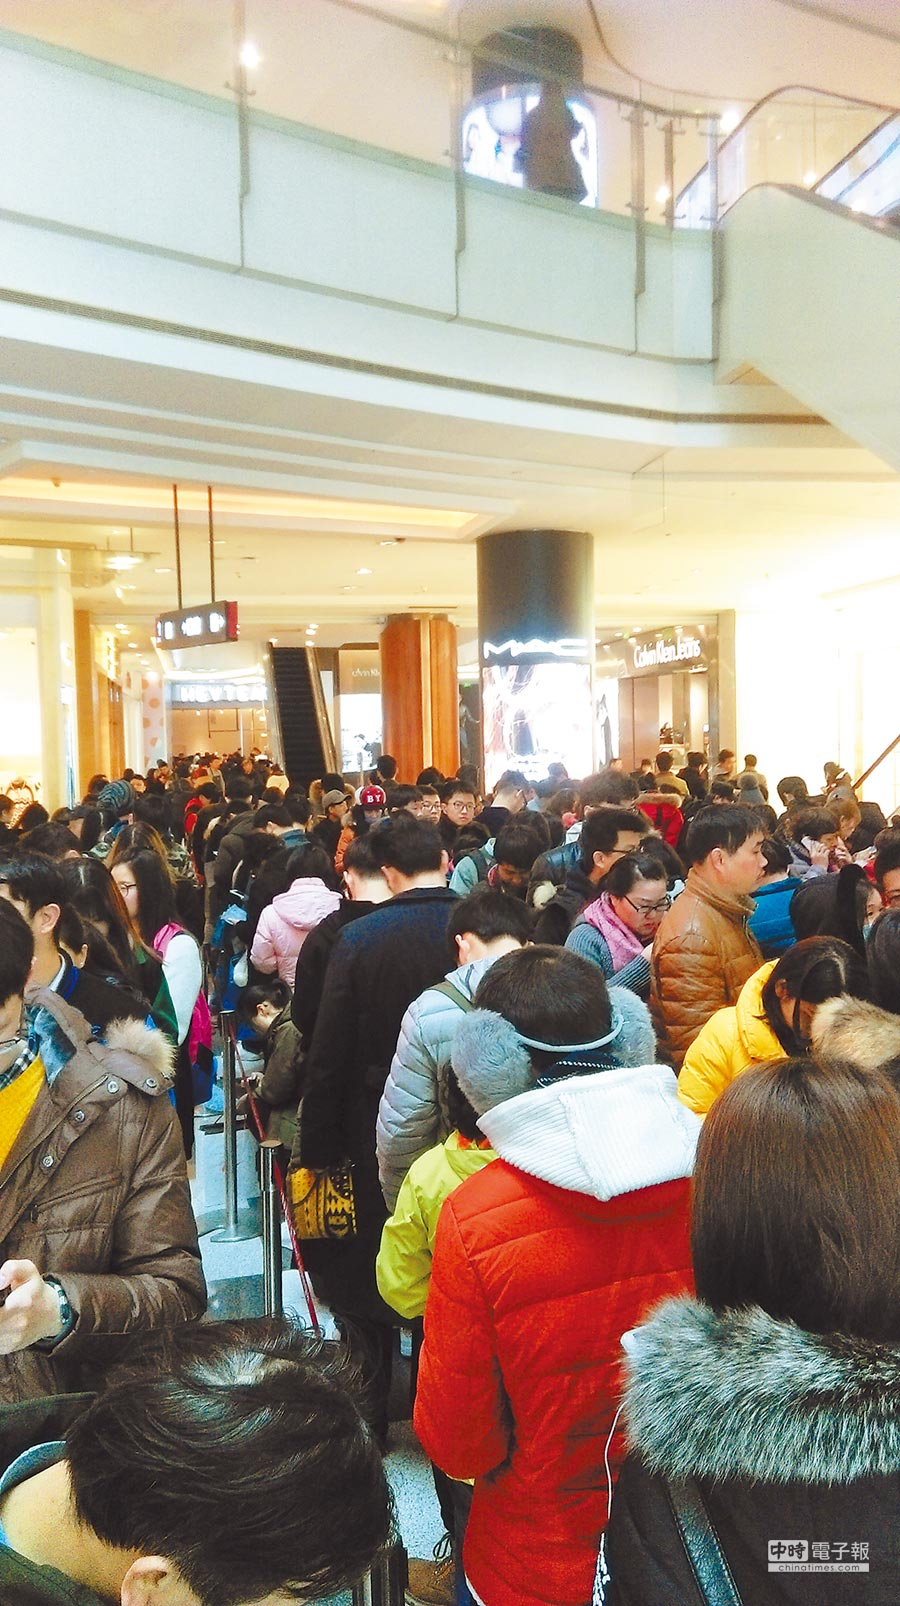 上海網紅奶茶店喜茶排隊人潮驚人,最高峰時需排6小時才能買到。(記者陳曼儂攝)